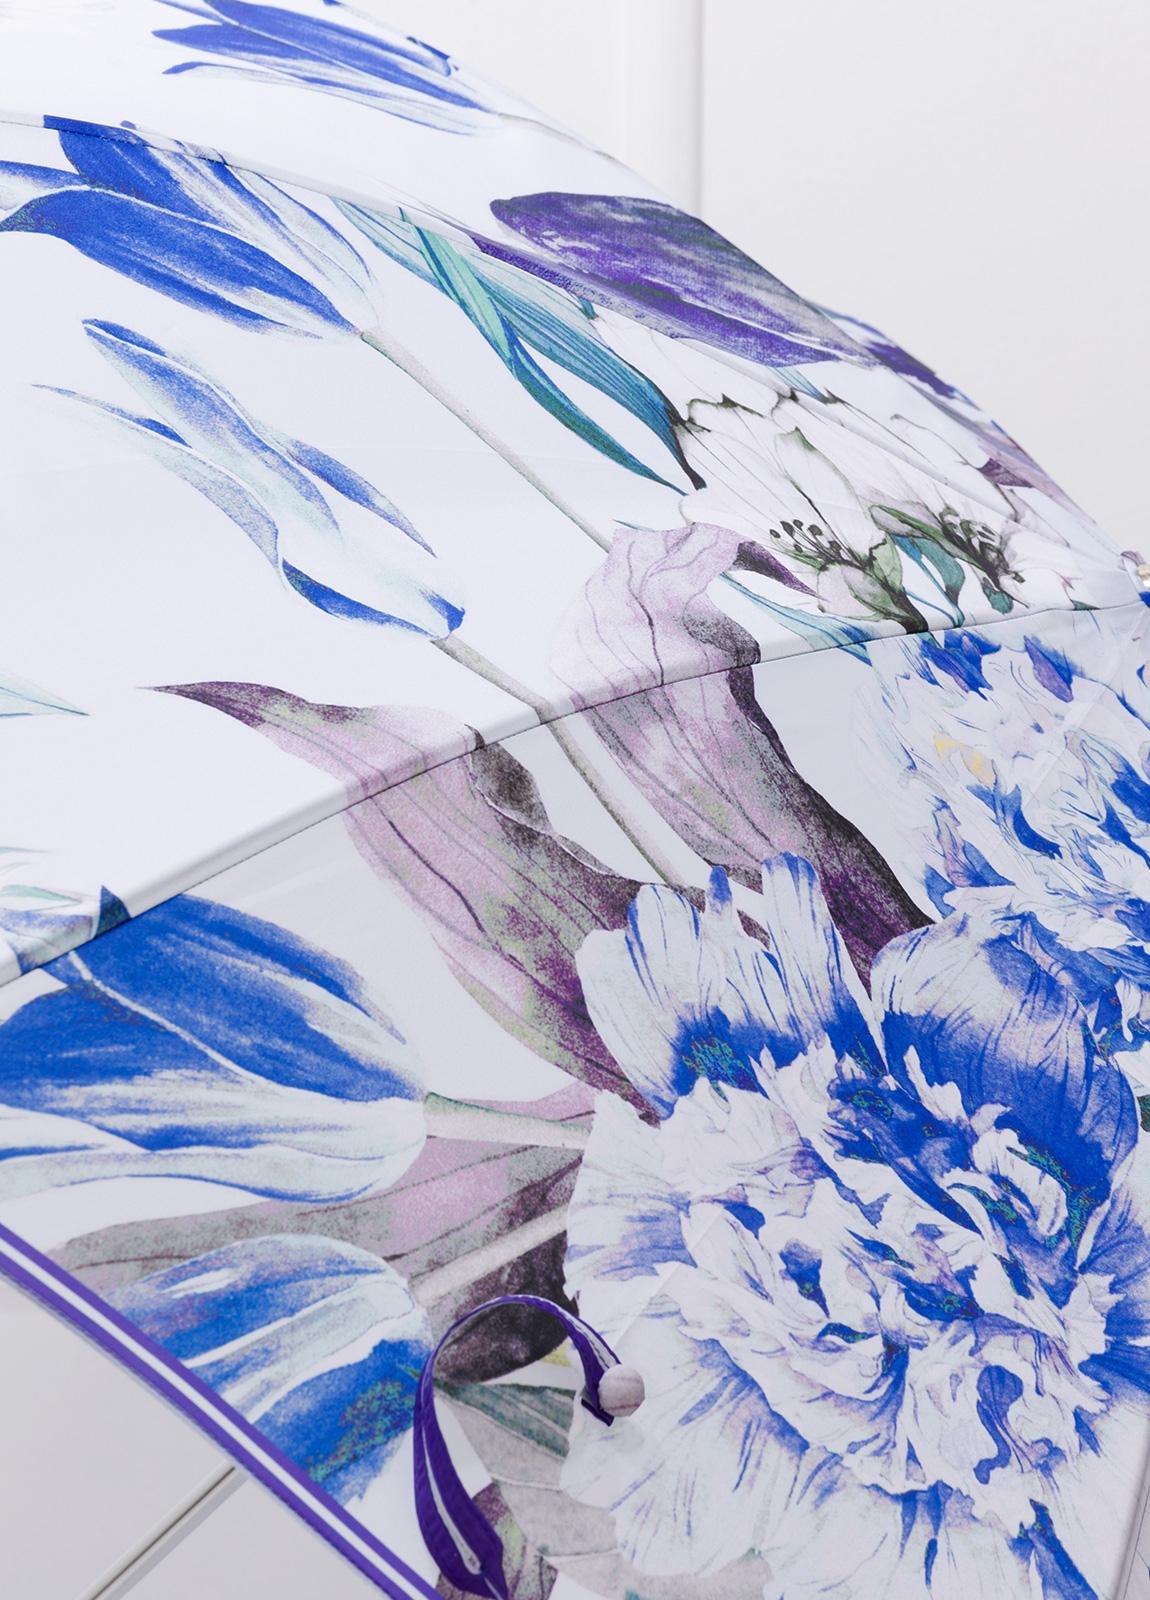 Paraguas con estampado floral color azul y puño transparente. - Ítem1